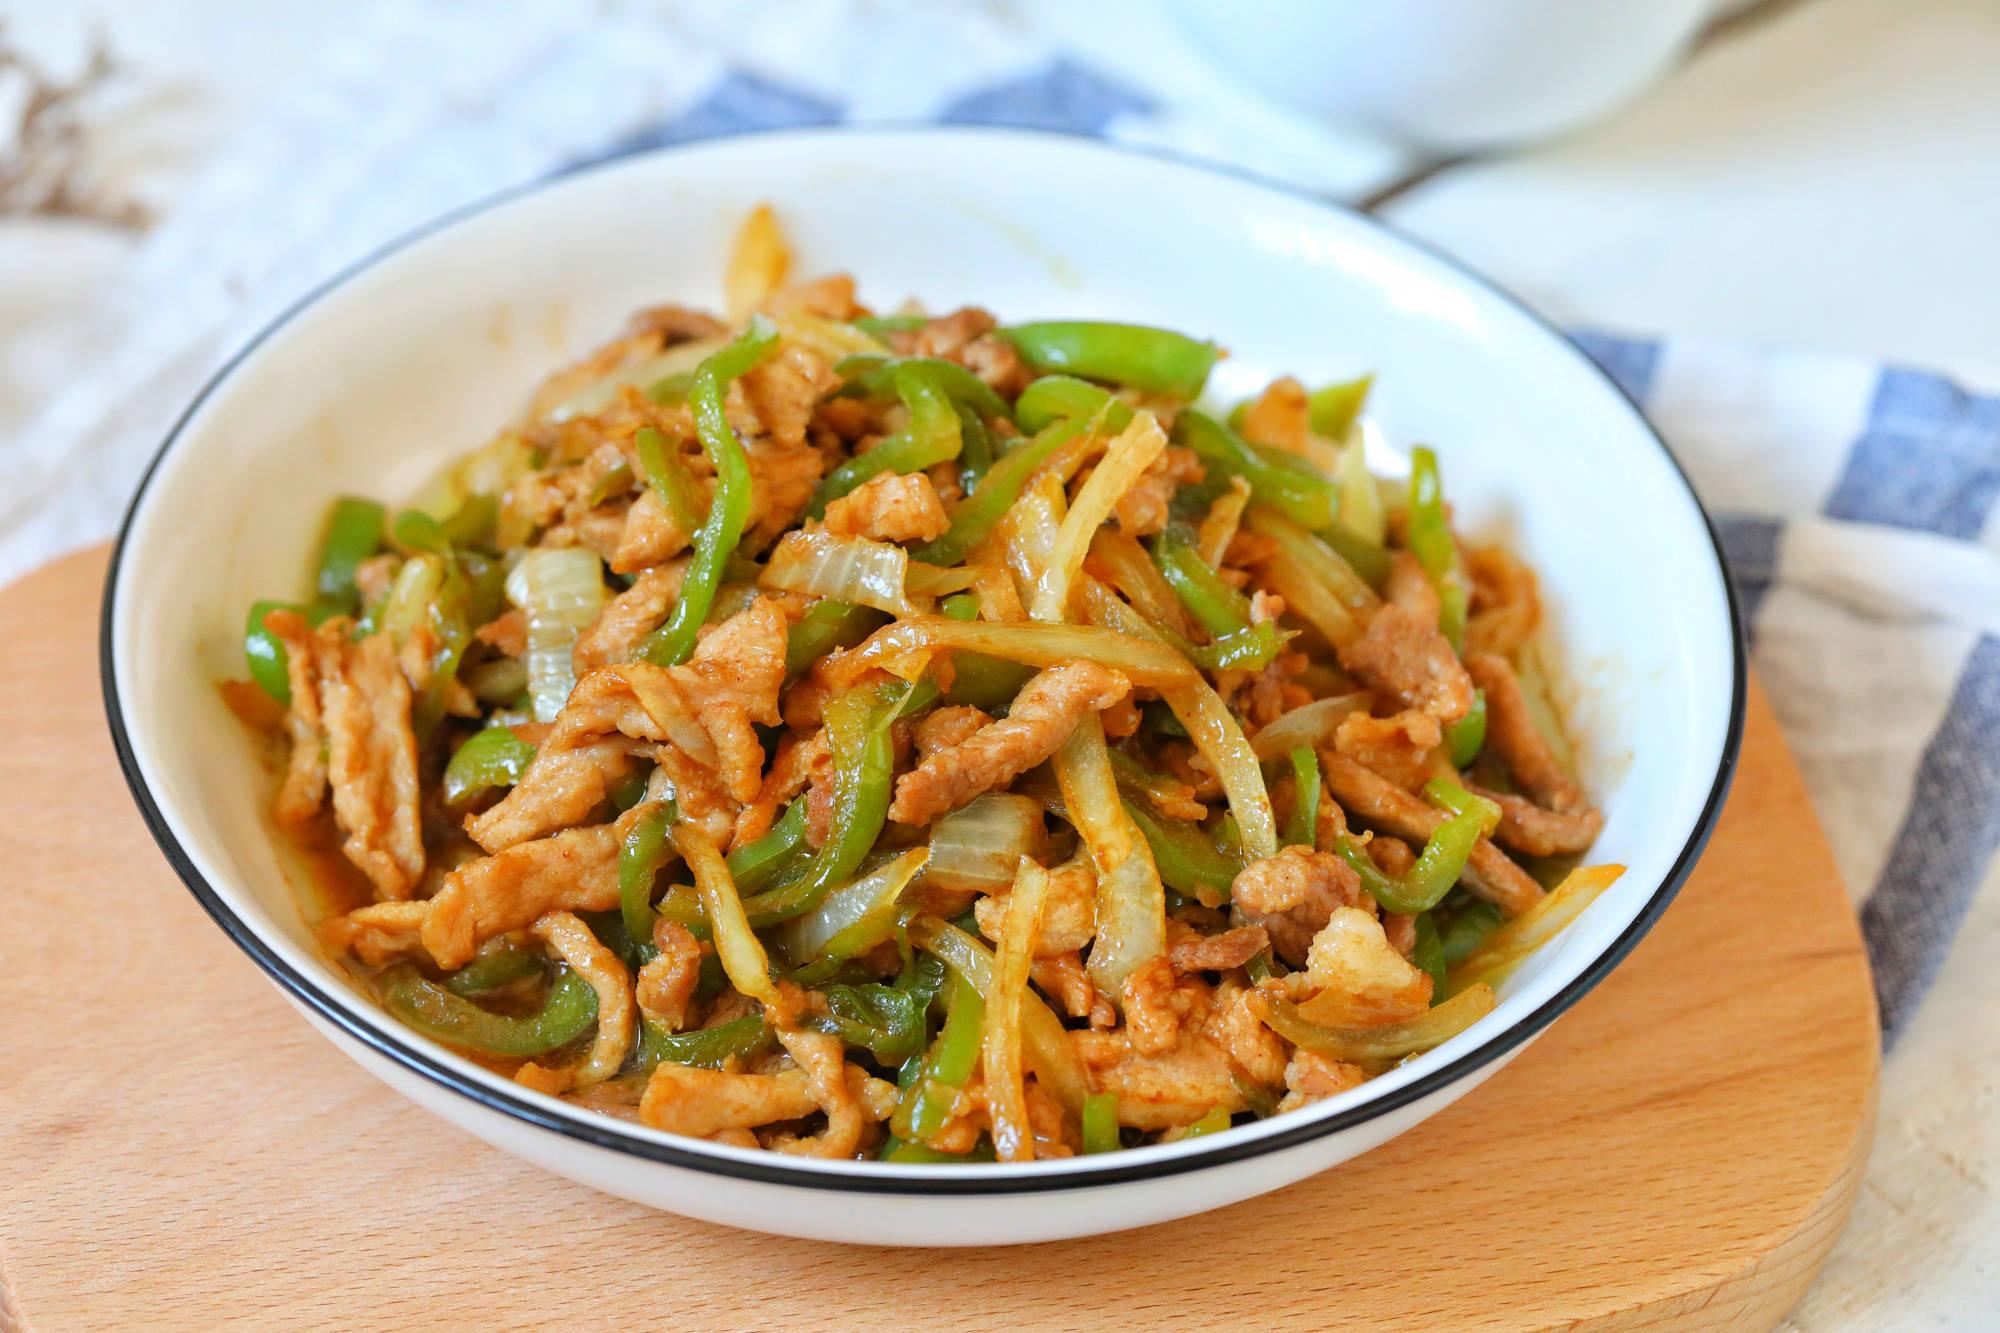 猪肉怎样炒又滑又嫩,只因加了它,不柴不硬特别香,配上米饭绝了